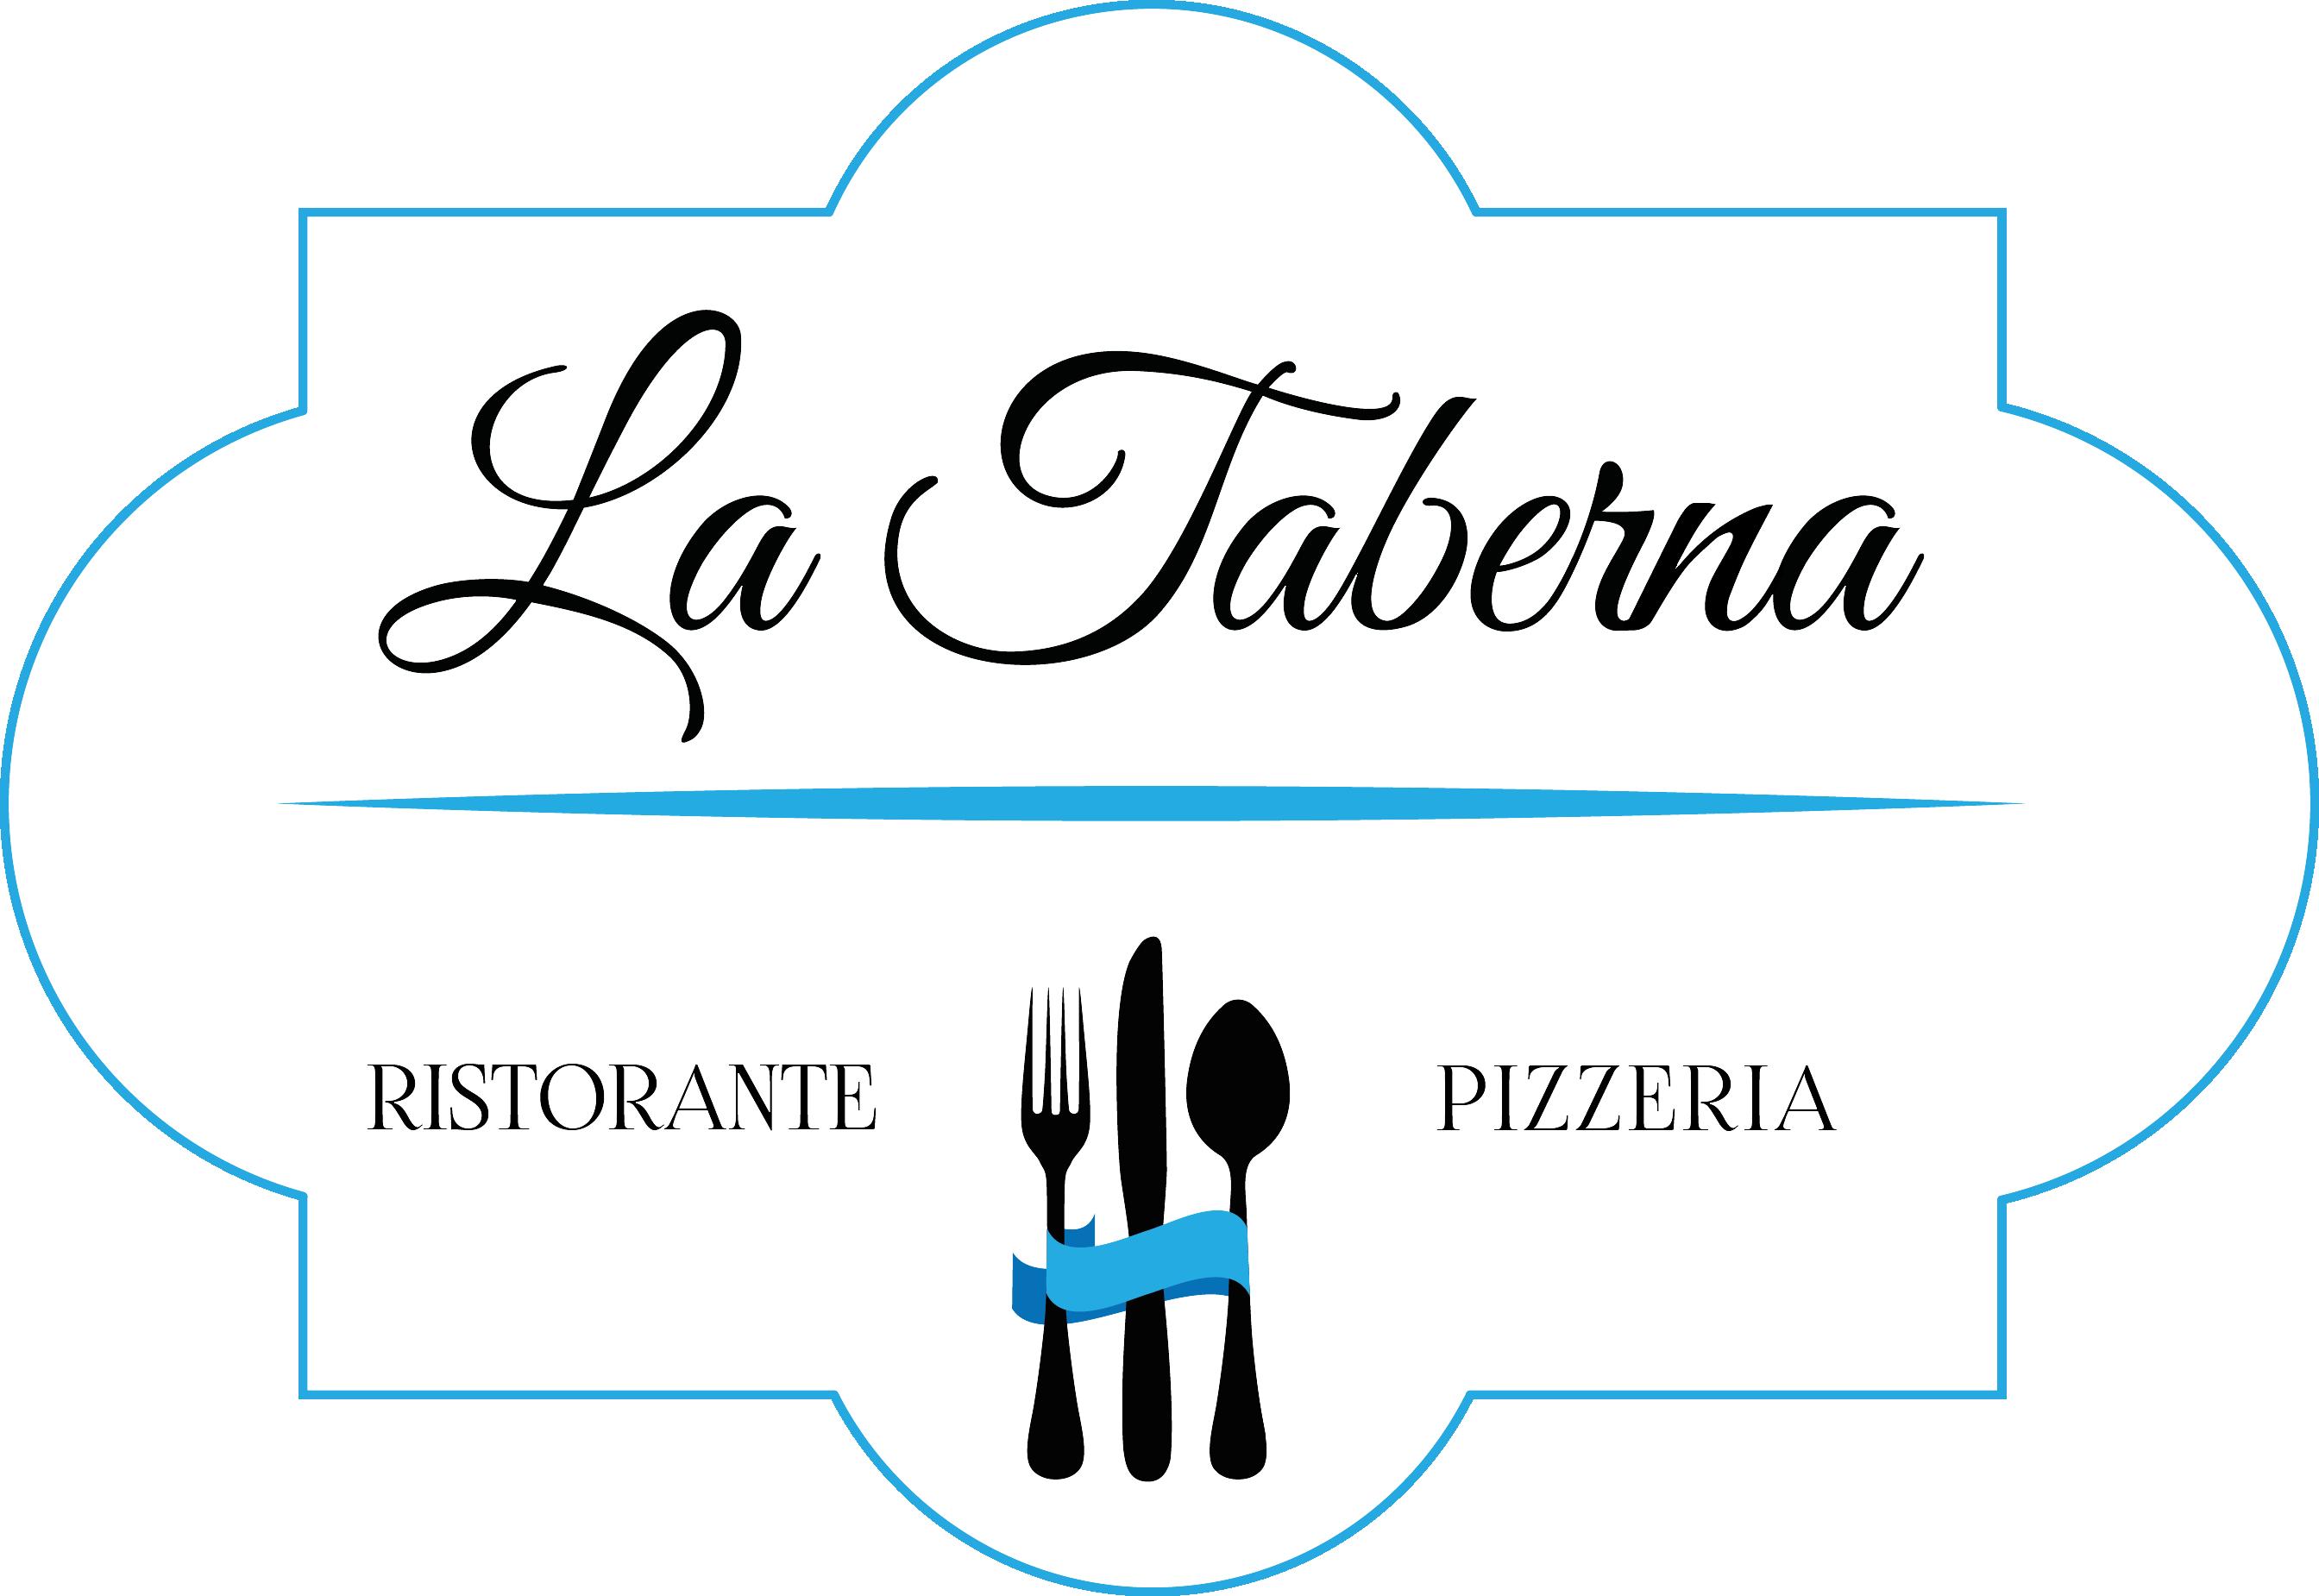 La Taberna - Ristorante & Pizzeria